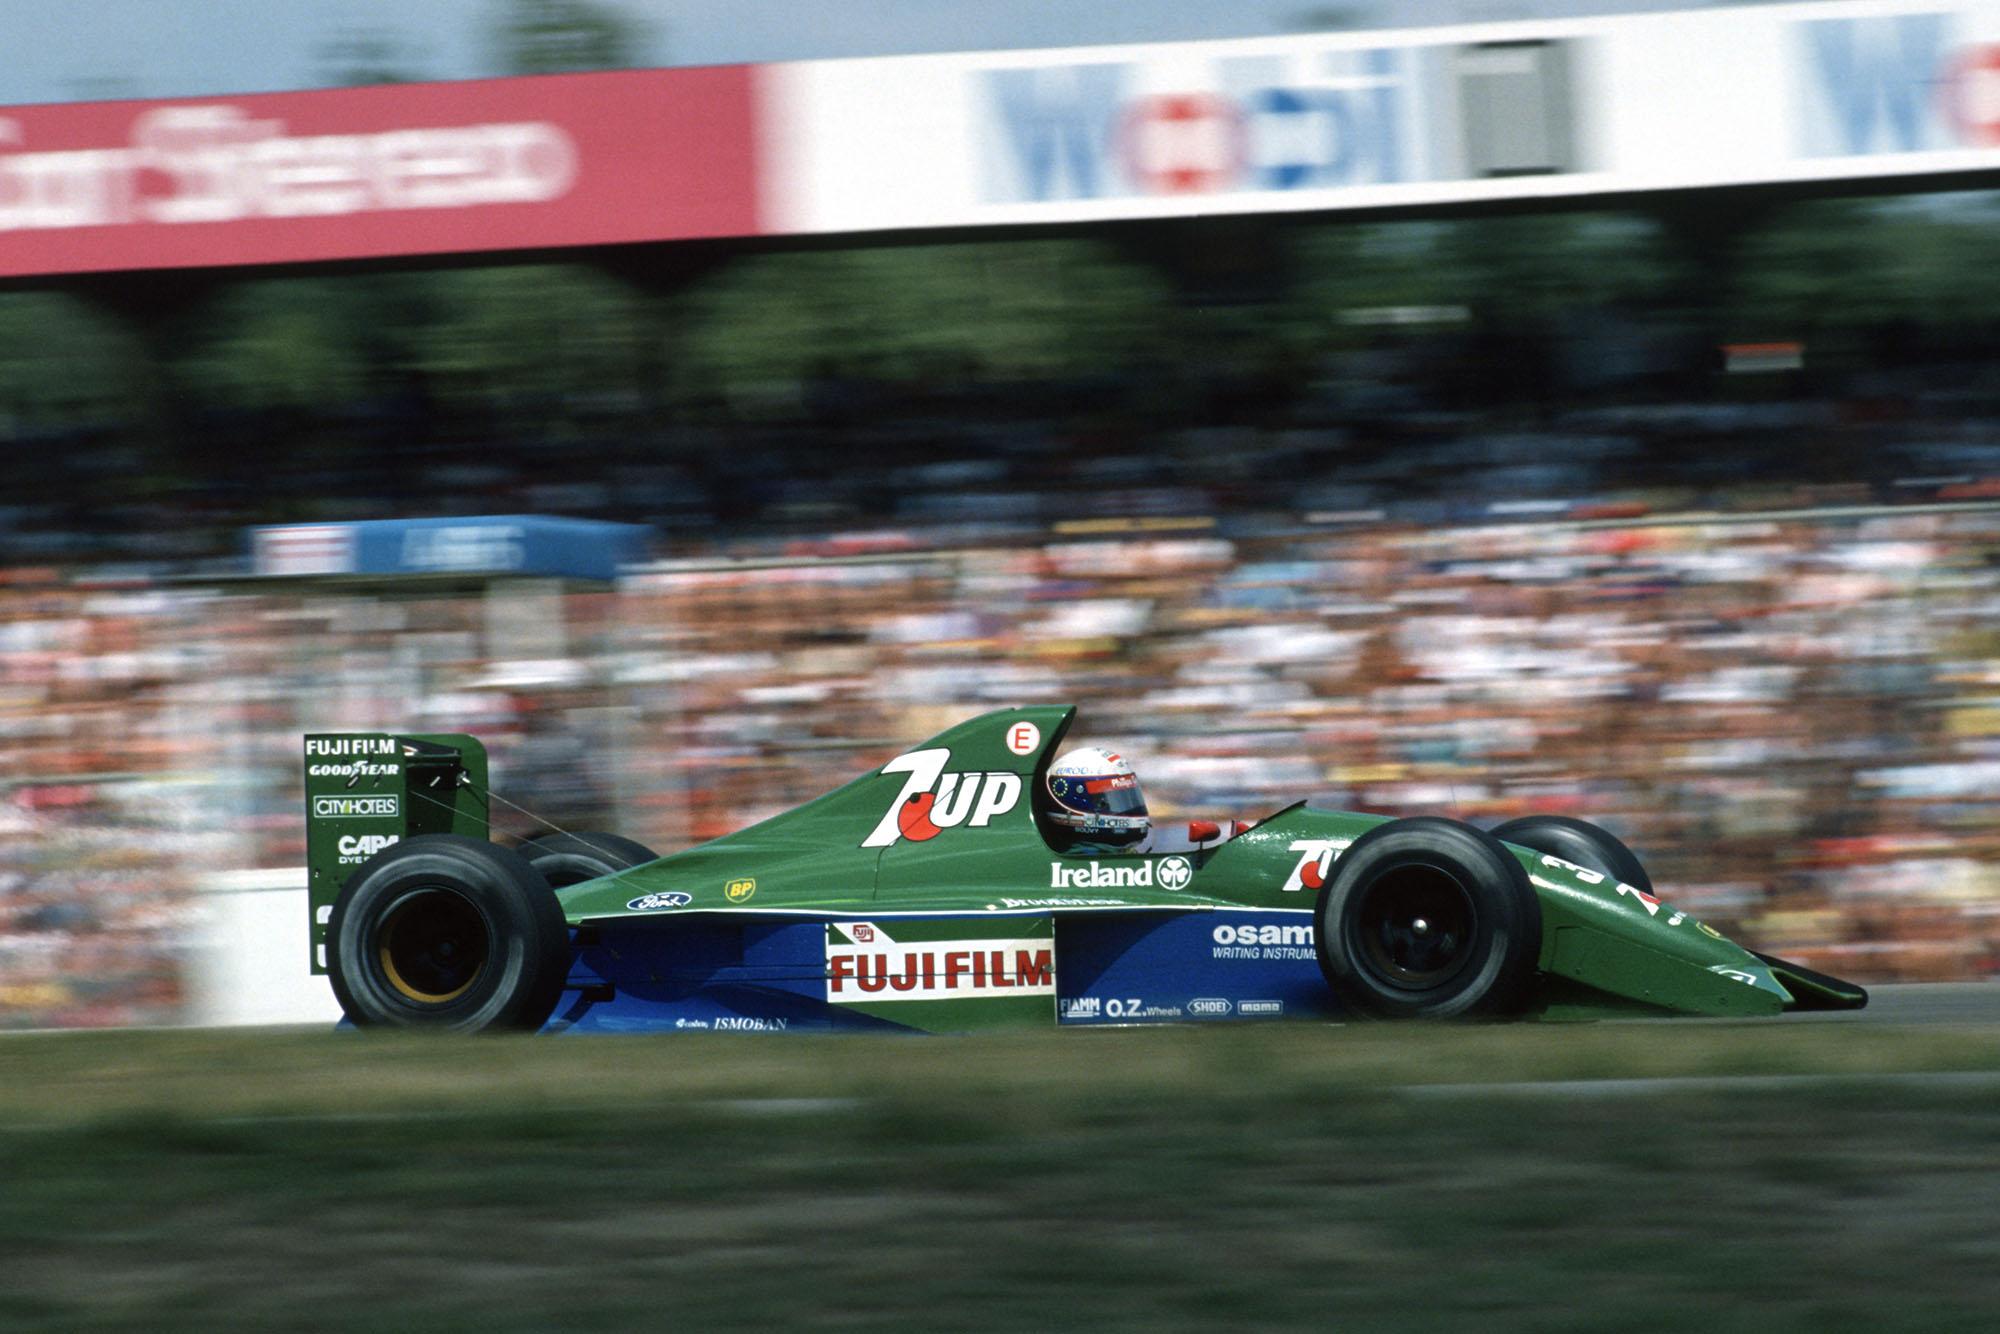 Bertrand Gachot (Jordan-Ford) in the 1991 German Grand Prix at Hockenheim